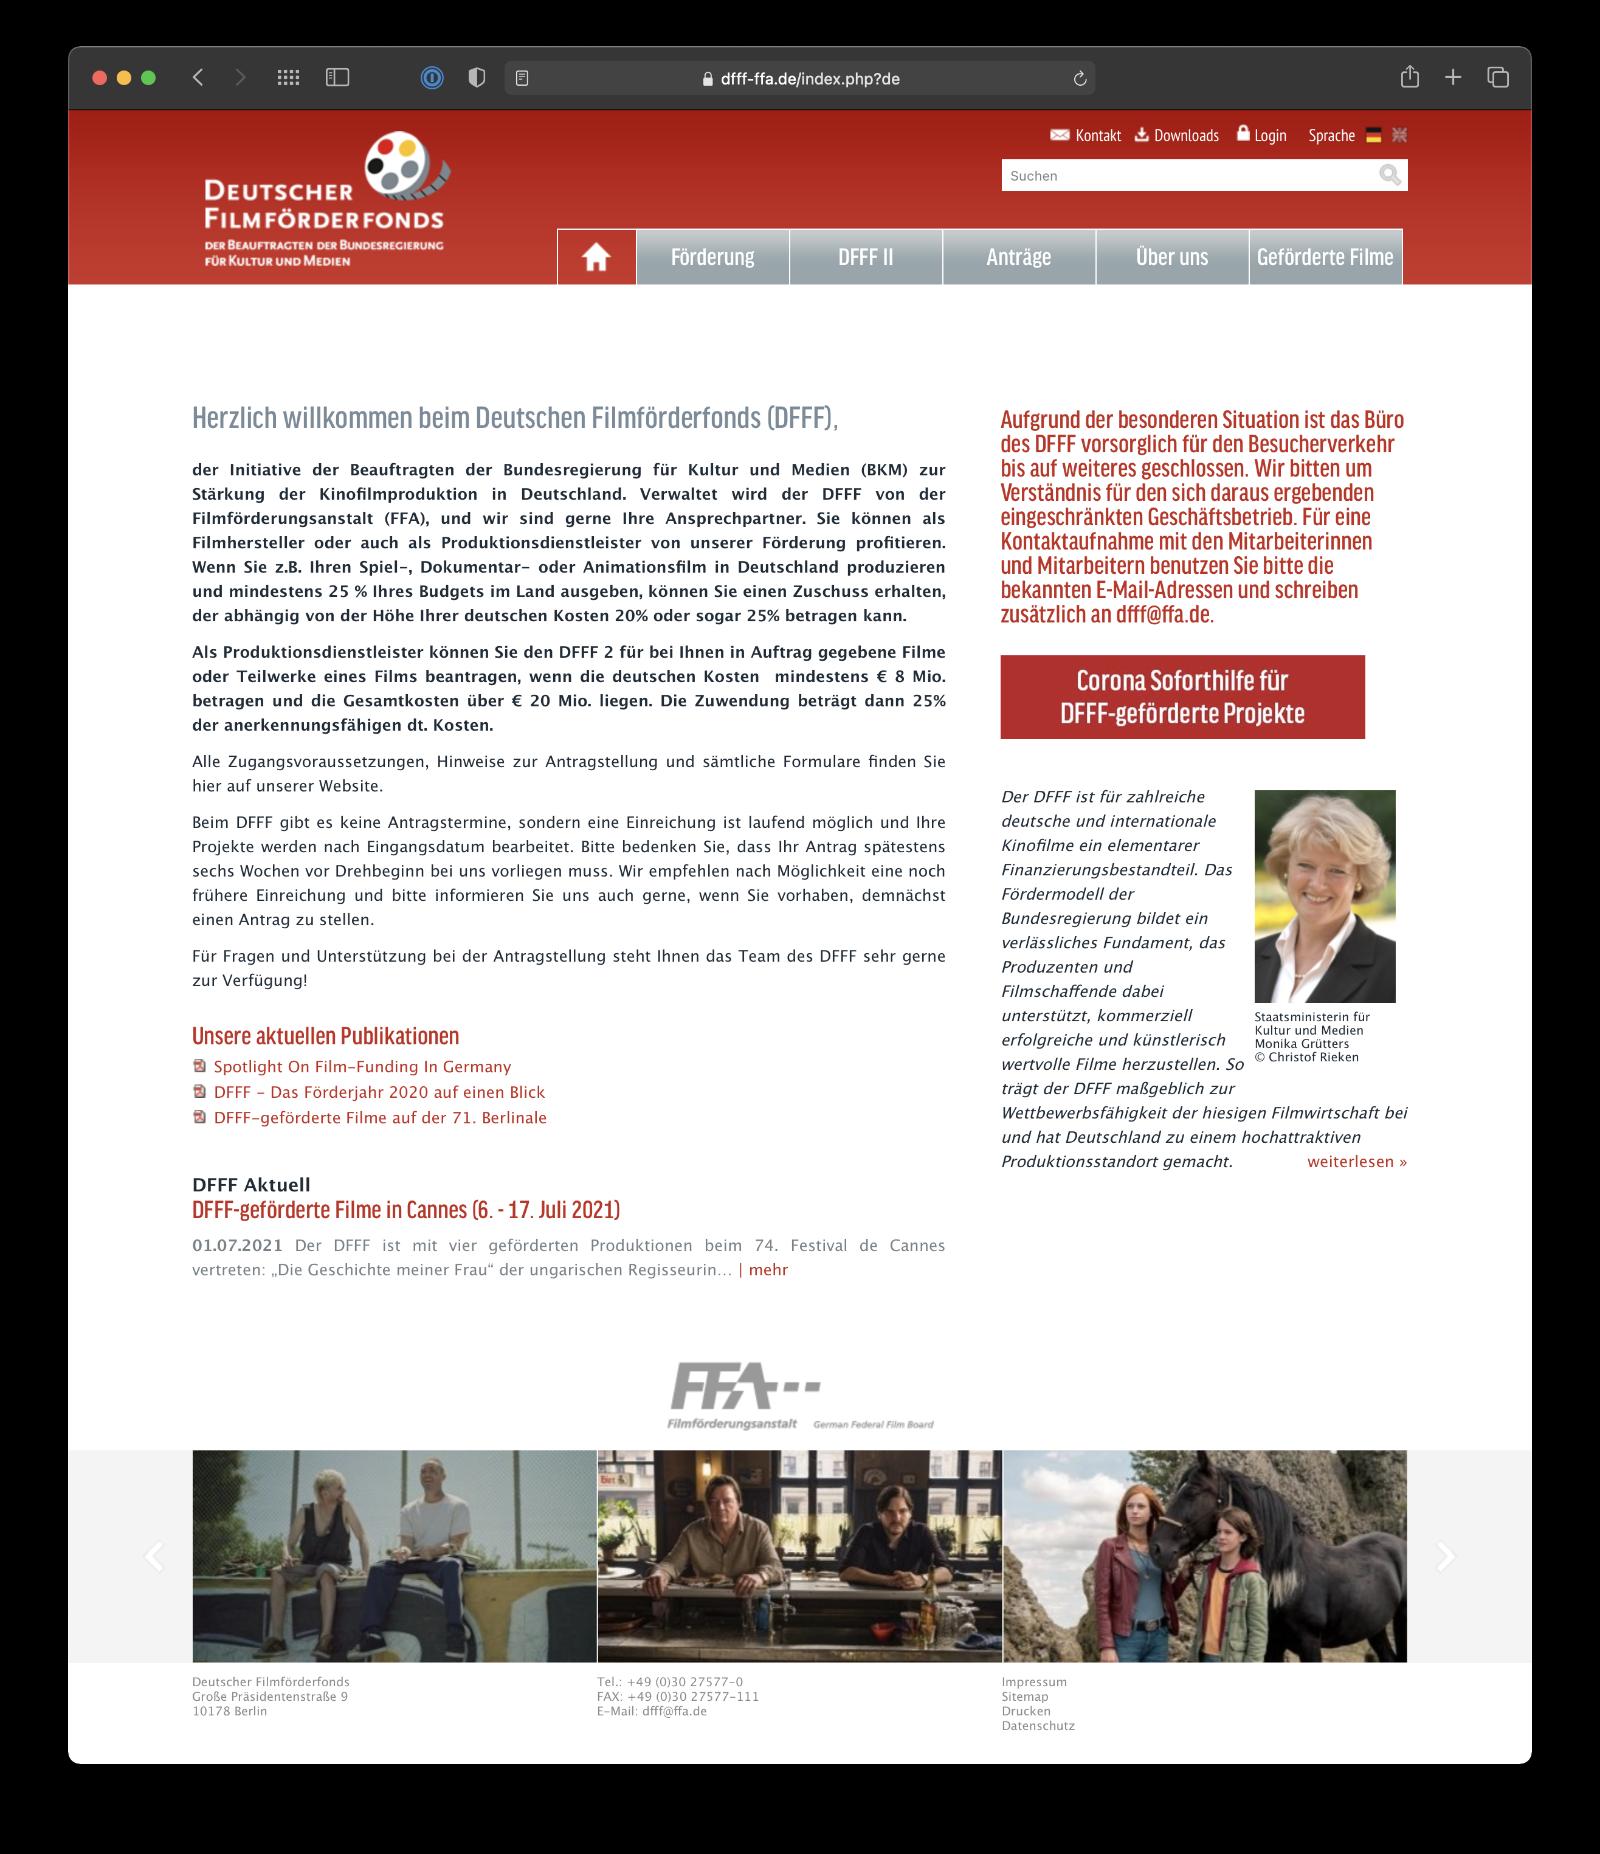 Umsetzung Webdesign CMS für DFFF